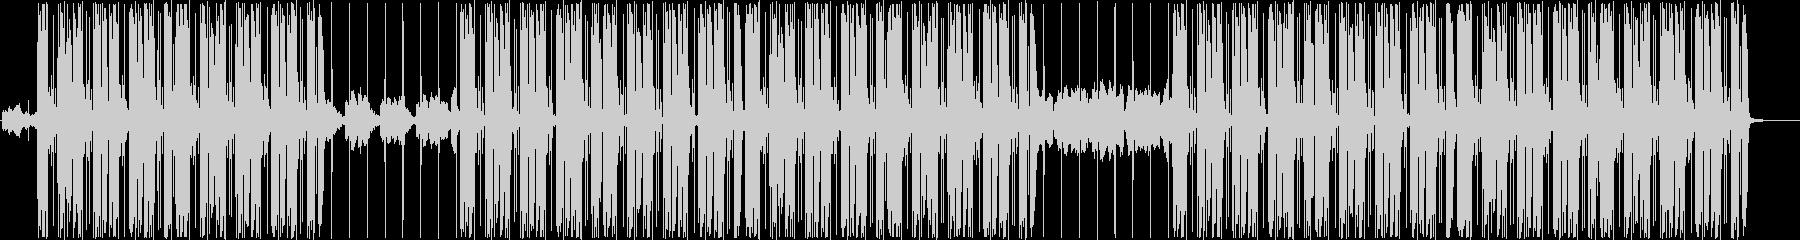 ローファイ、トラップ、ヒップホップ♪の未再生の波形